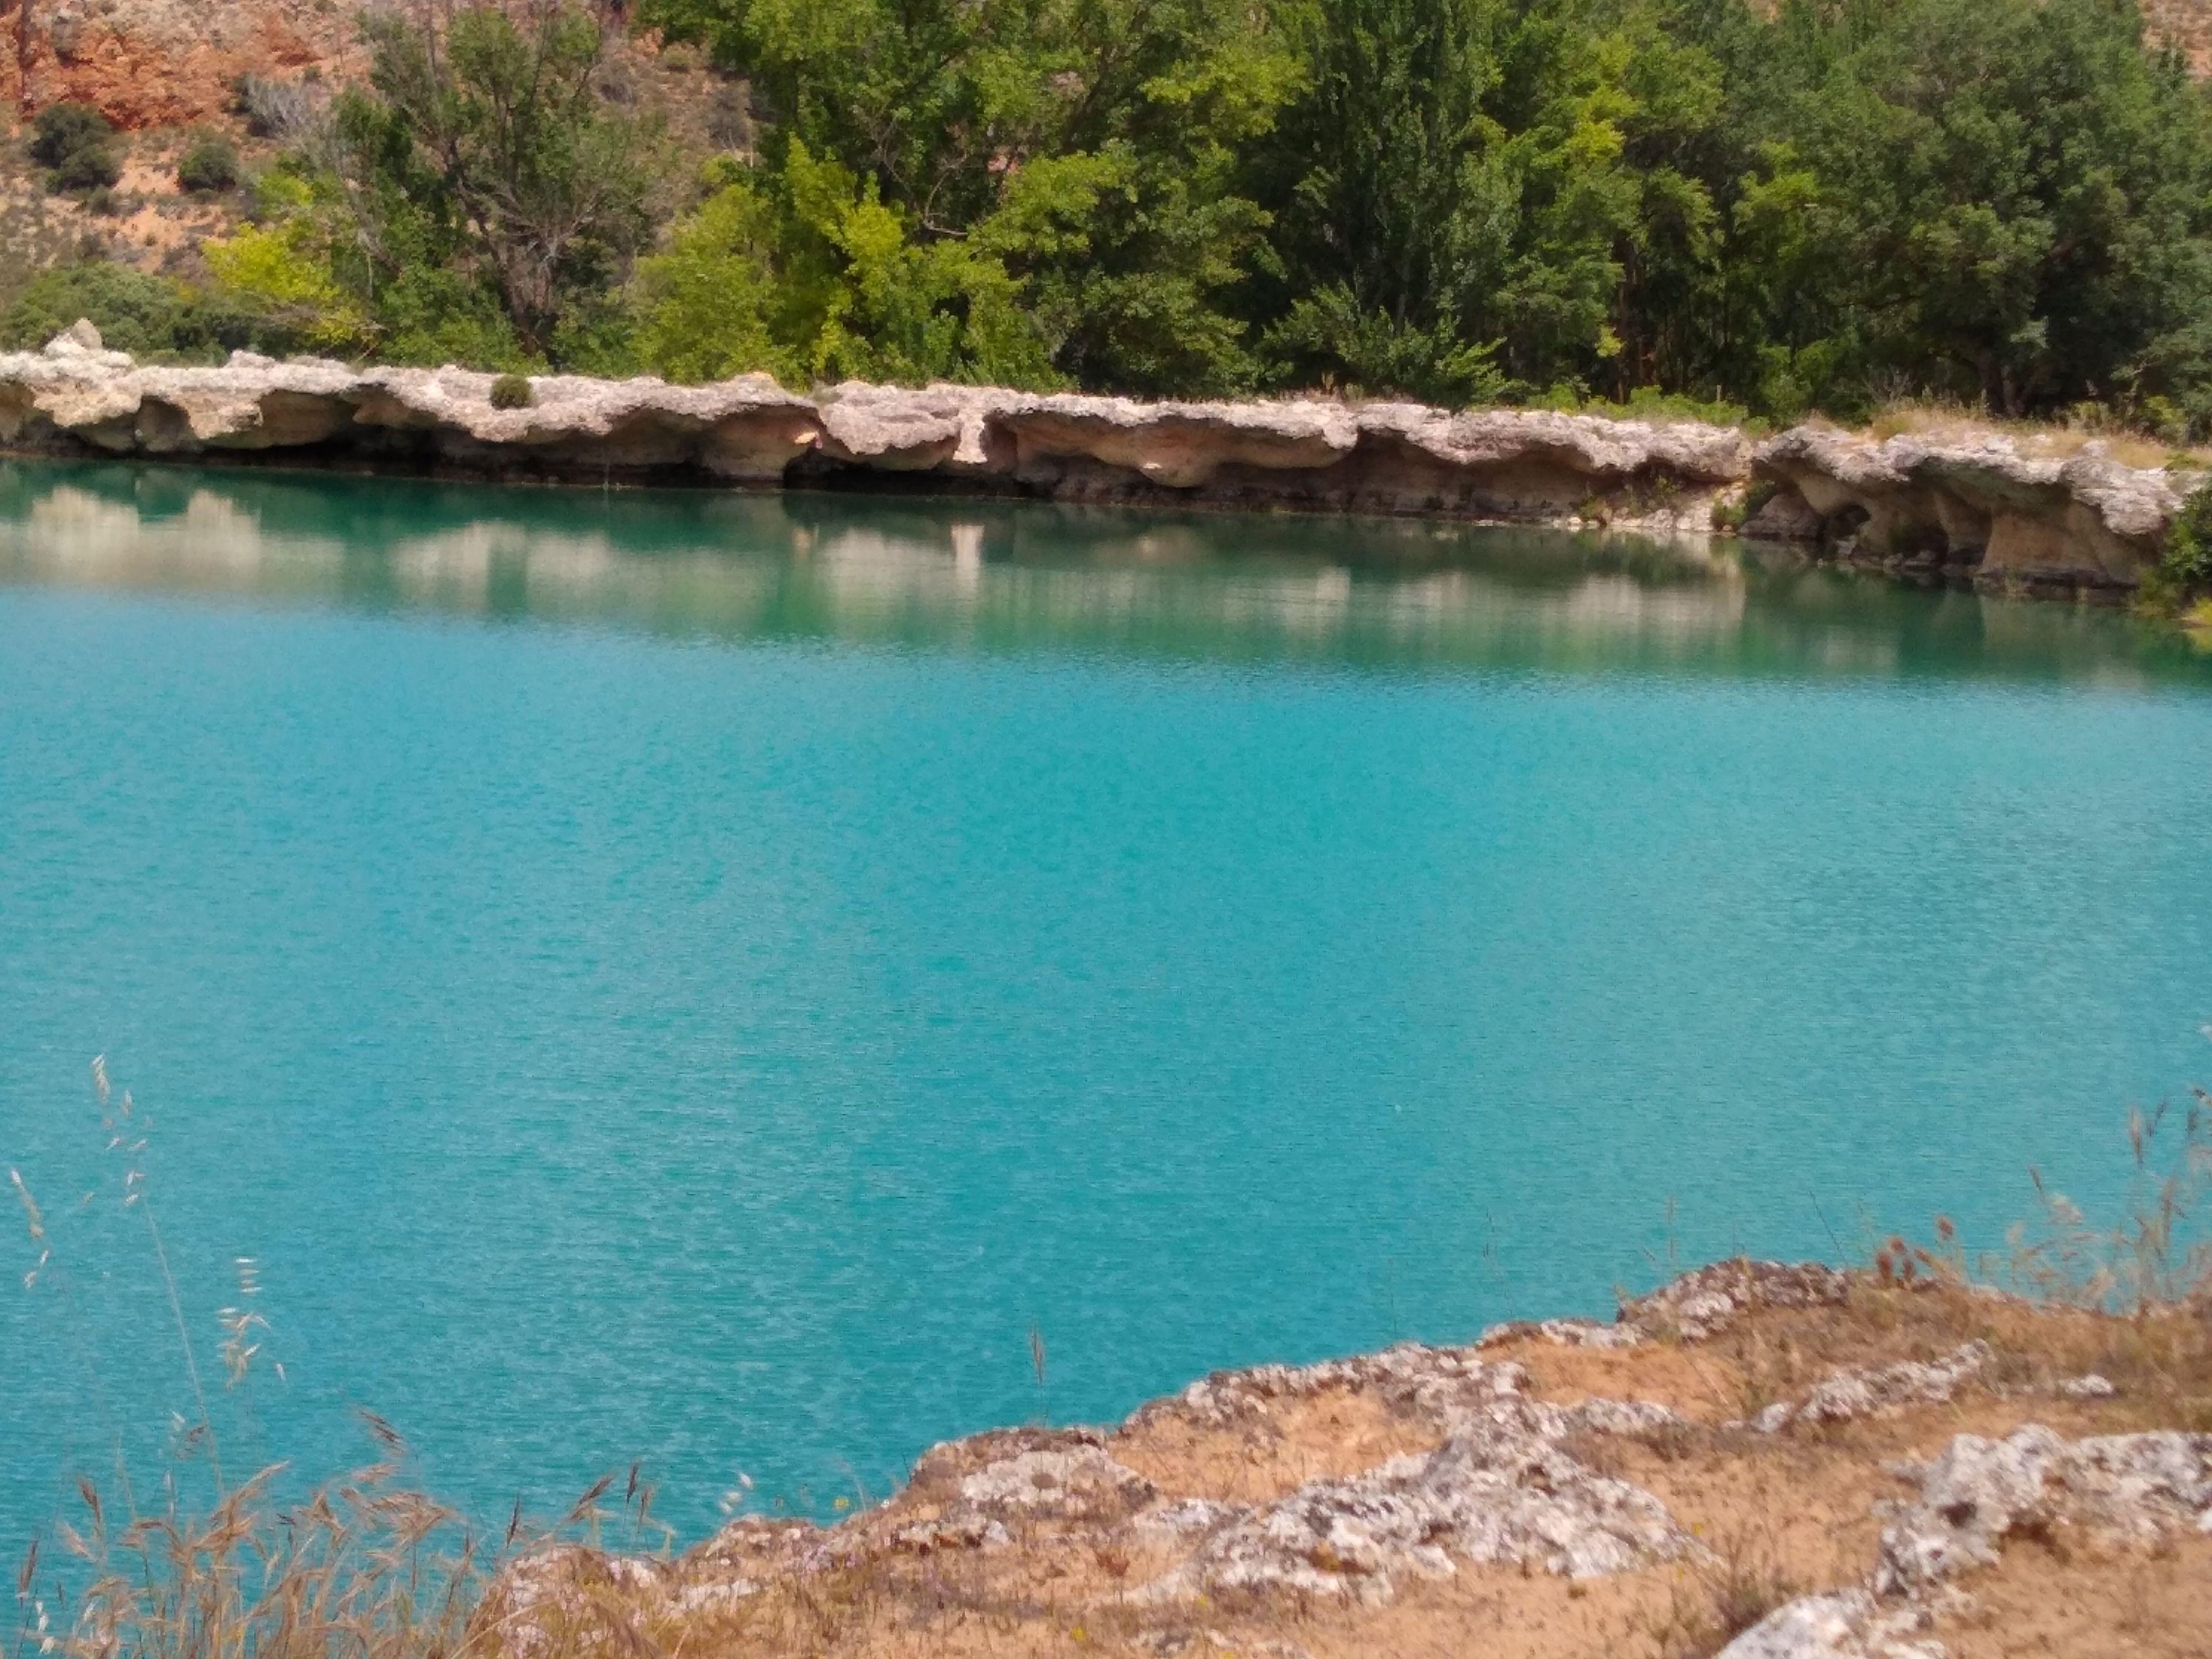 Laguna Lengua, de un precioso azul turquesa y al fondo sus muros de toba calcárea